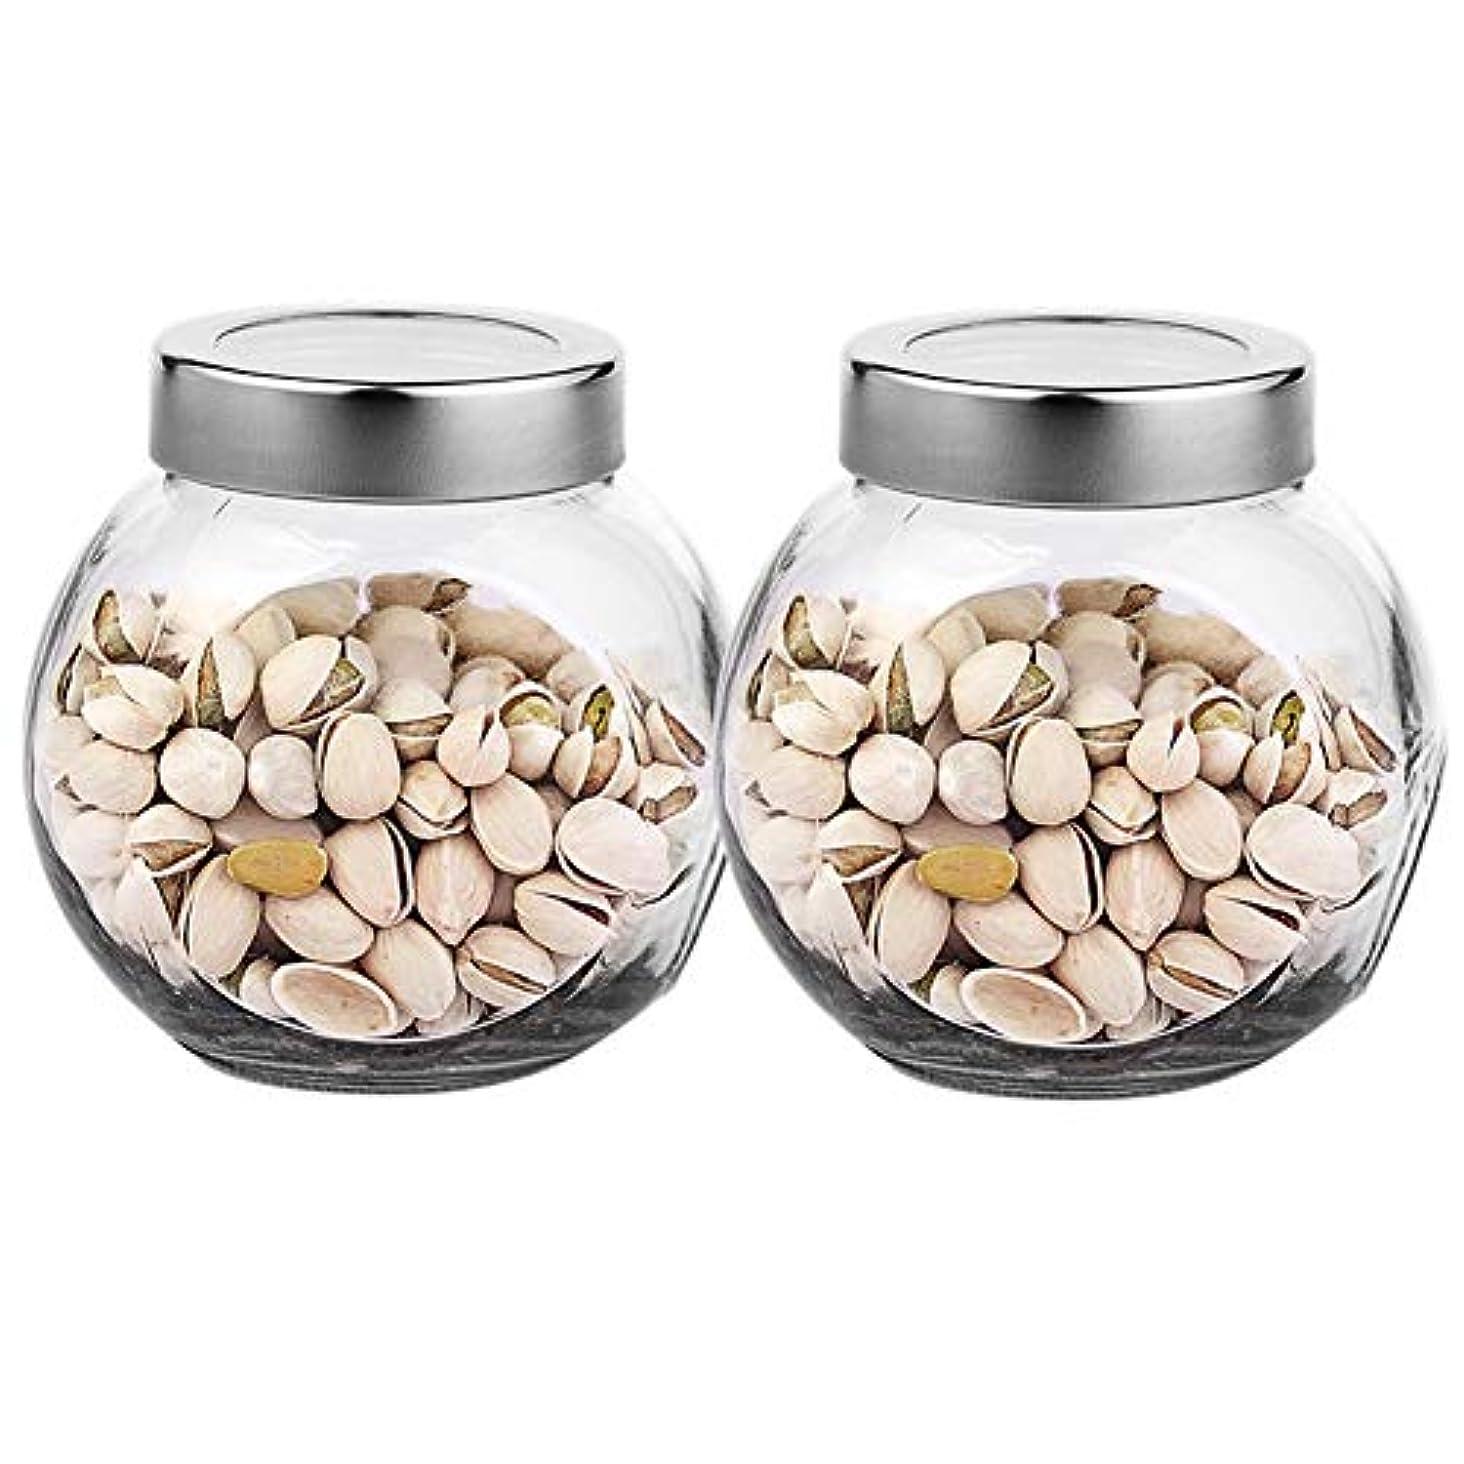 つま先肌完璧2つの透明ガラス貯蔵容器茶/季節密封缶の貯蔵ジャーパック(650 ml)